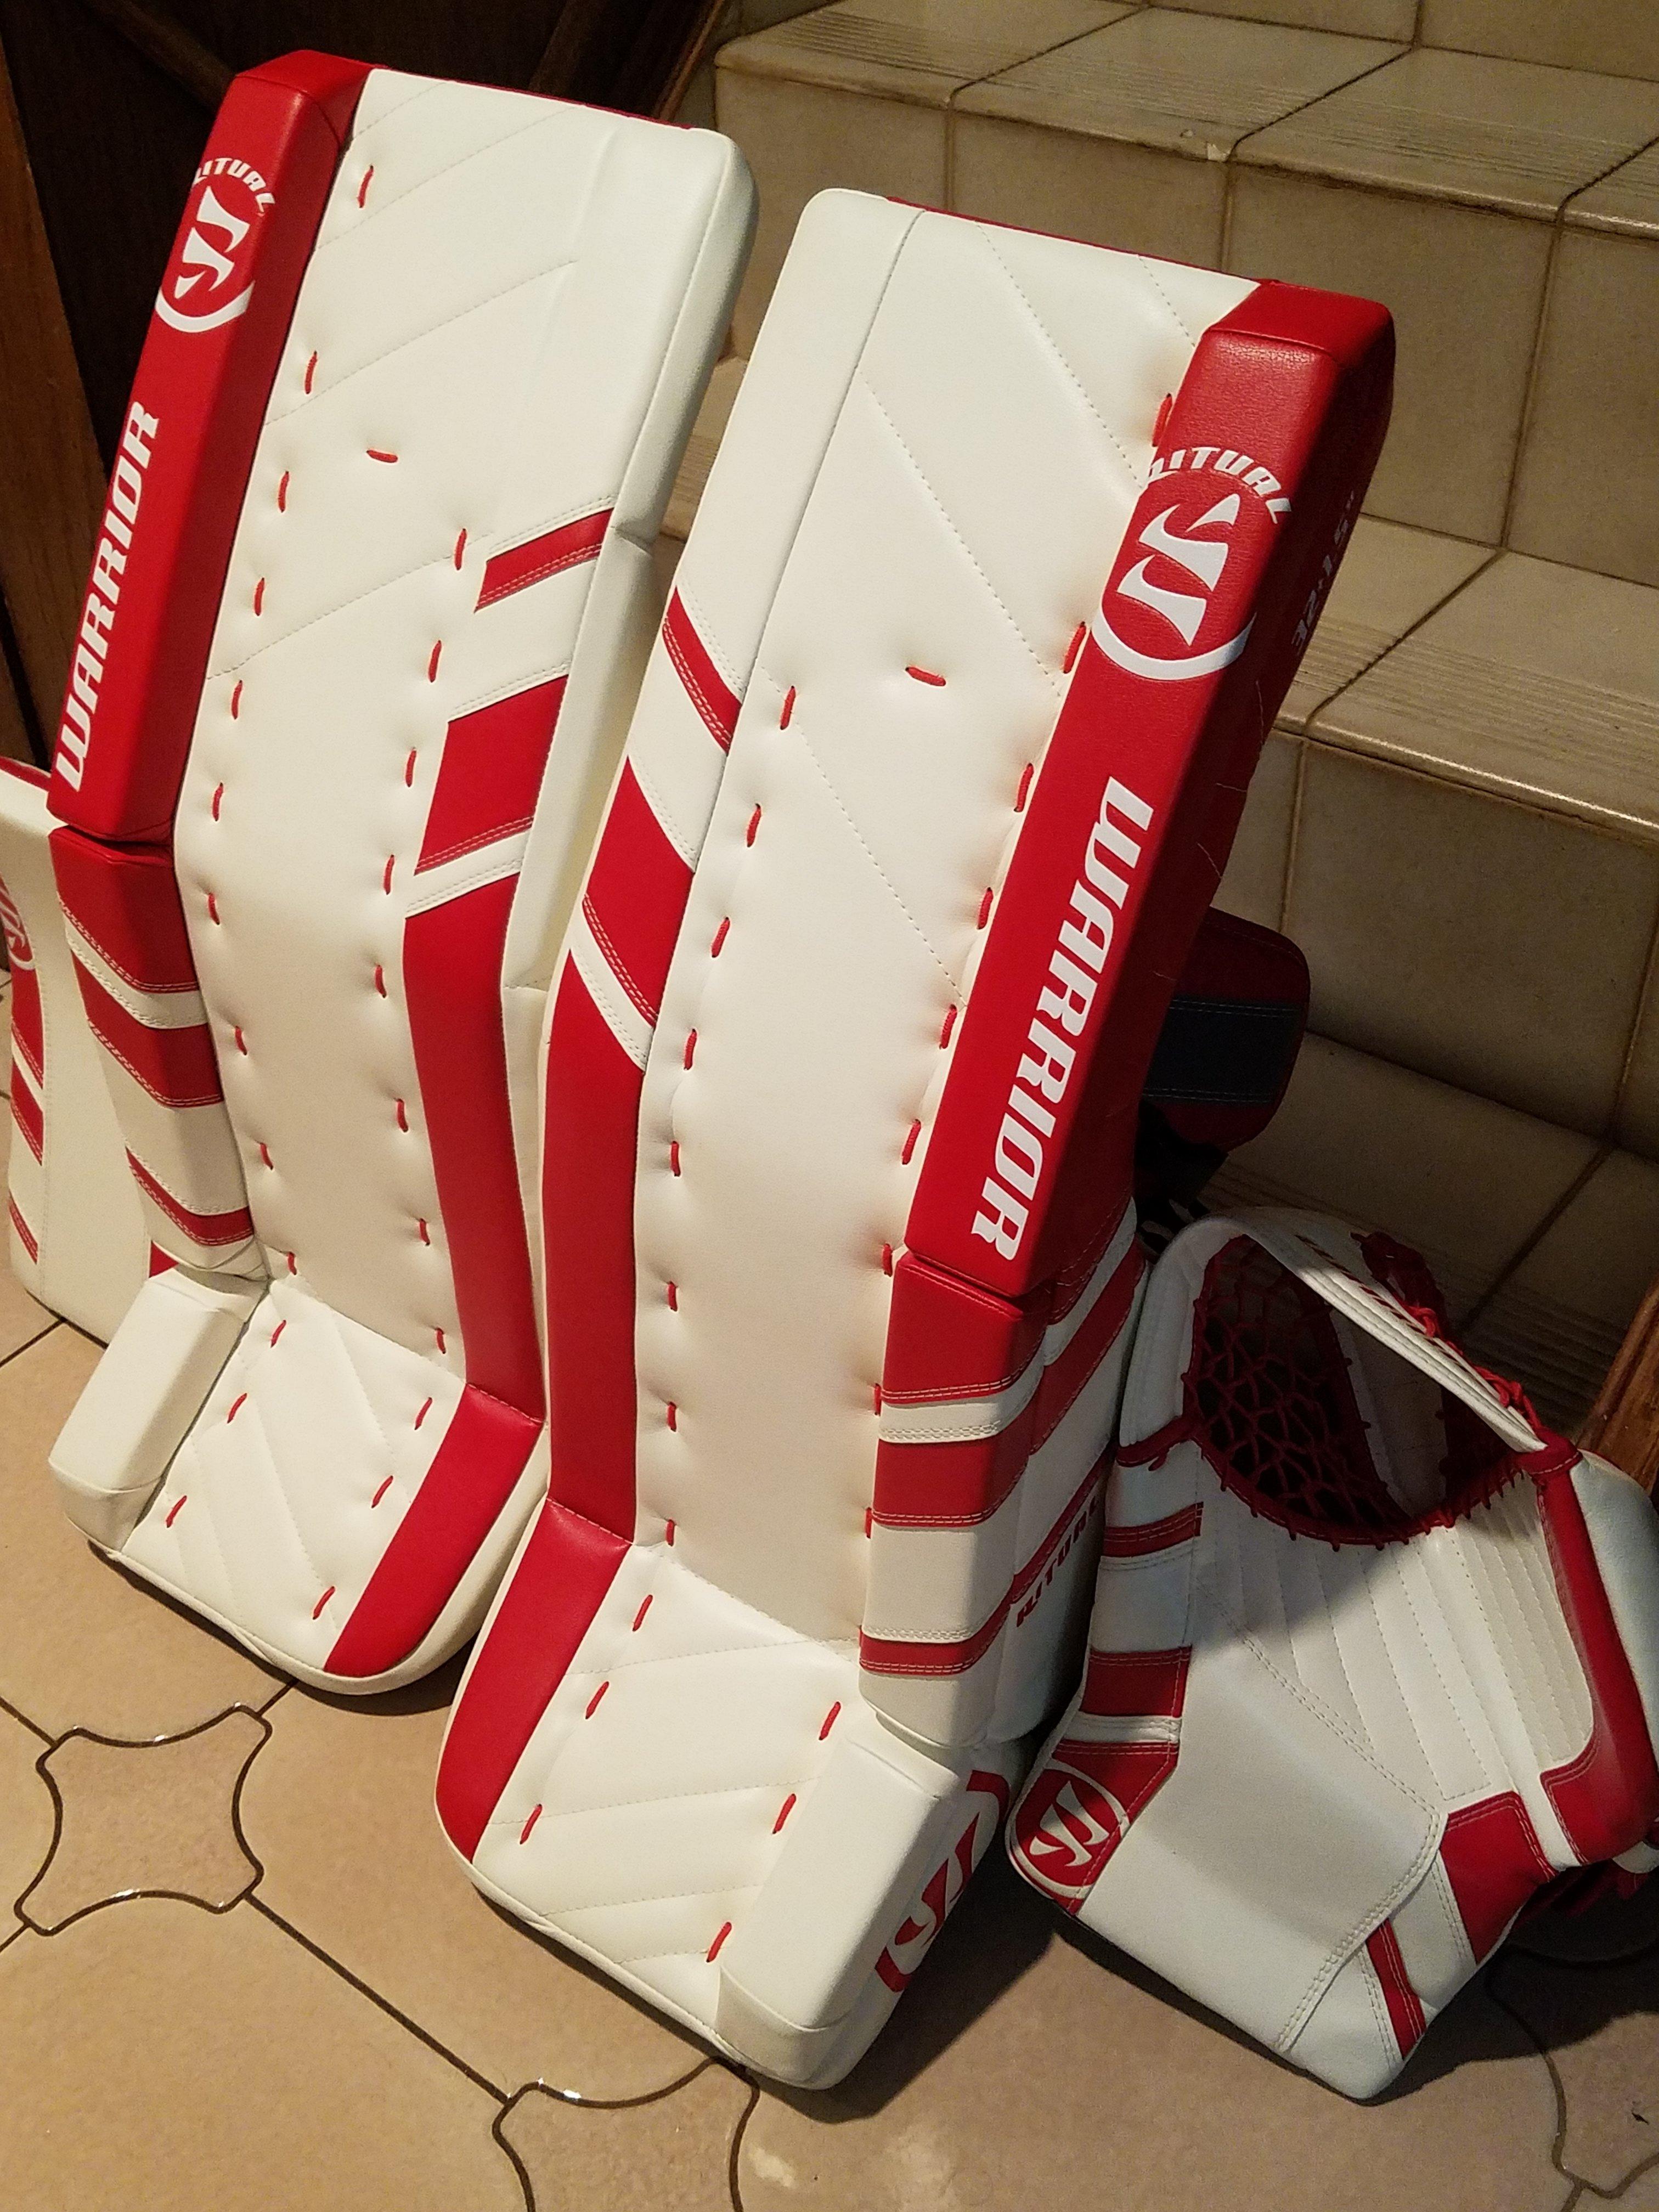 NEW Warrior Ritual G3 Pro Goalie Pads Glove Blocker - New